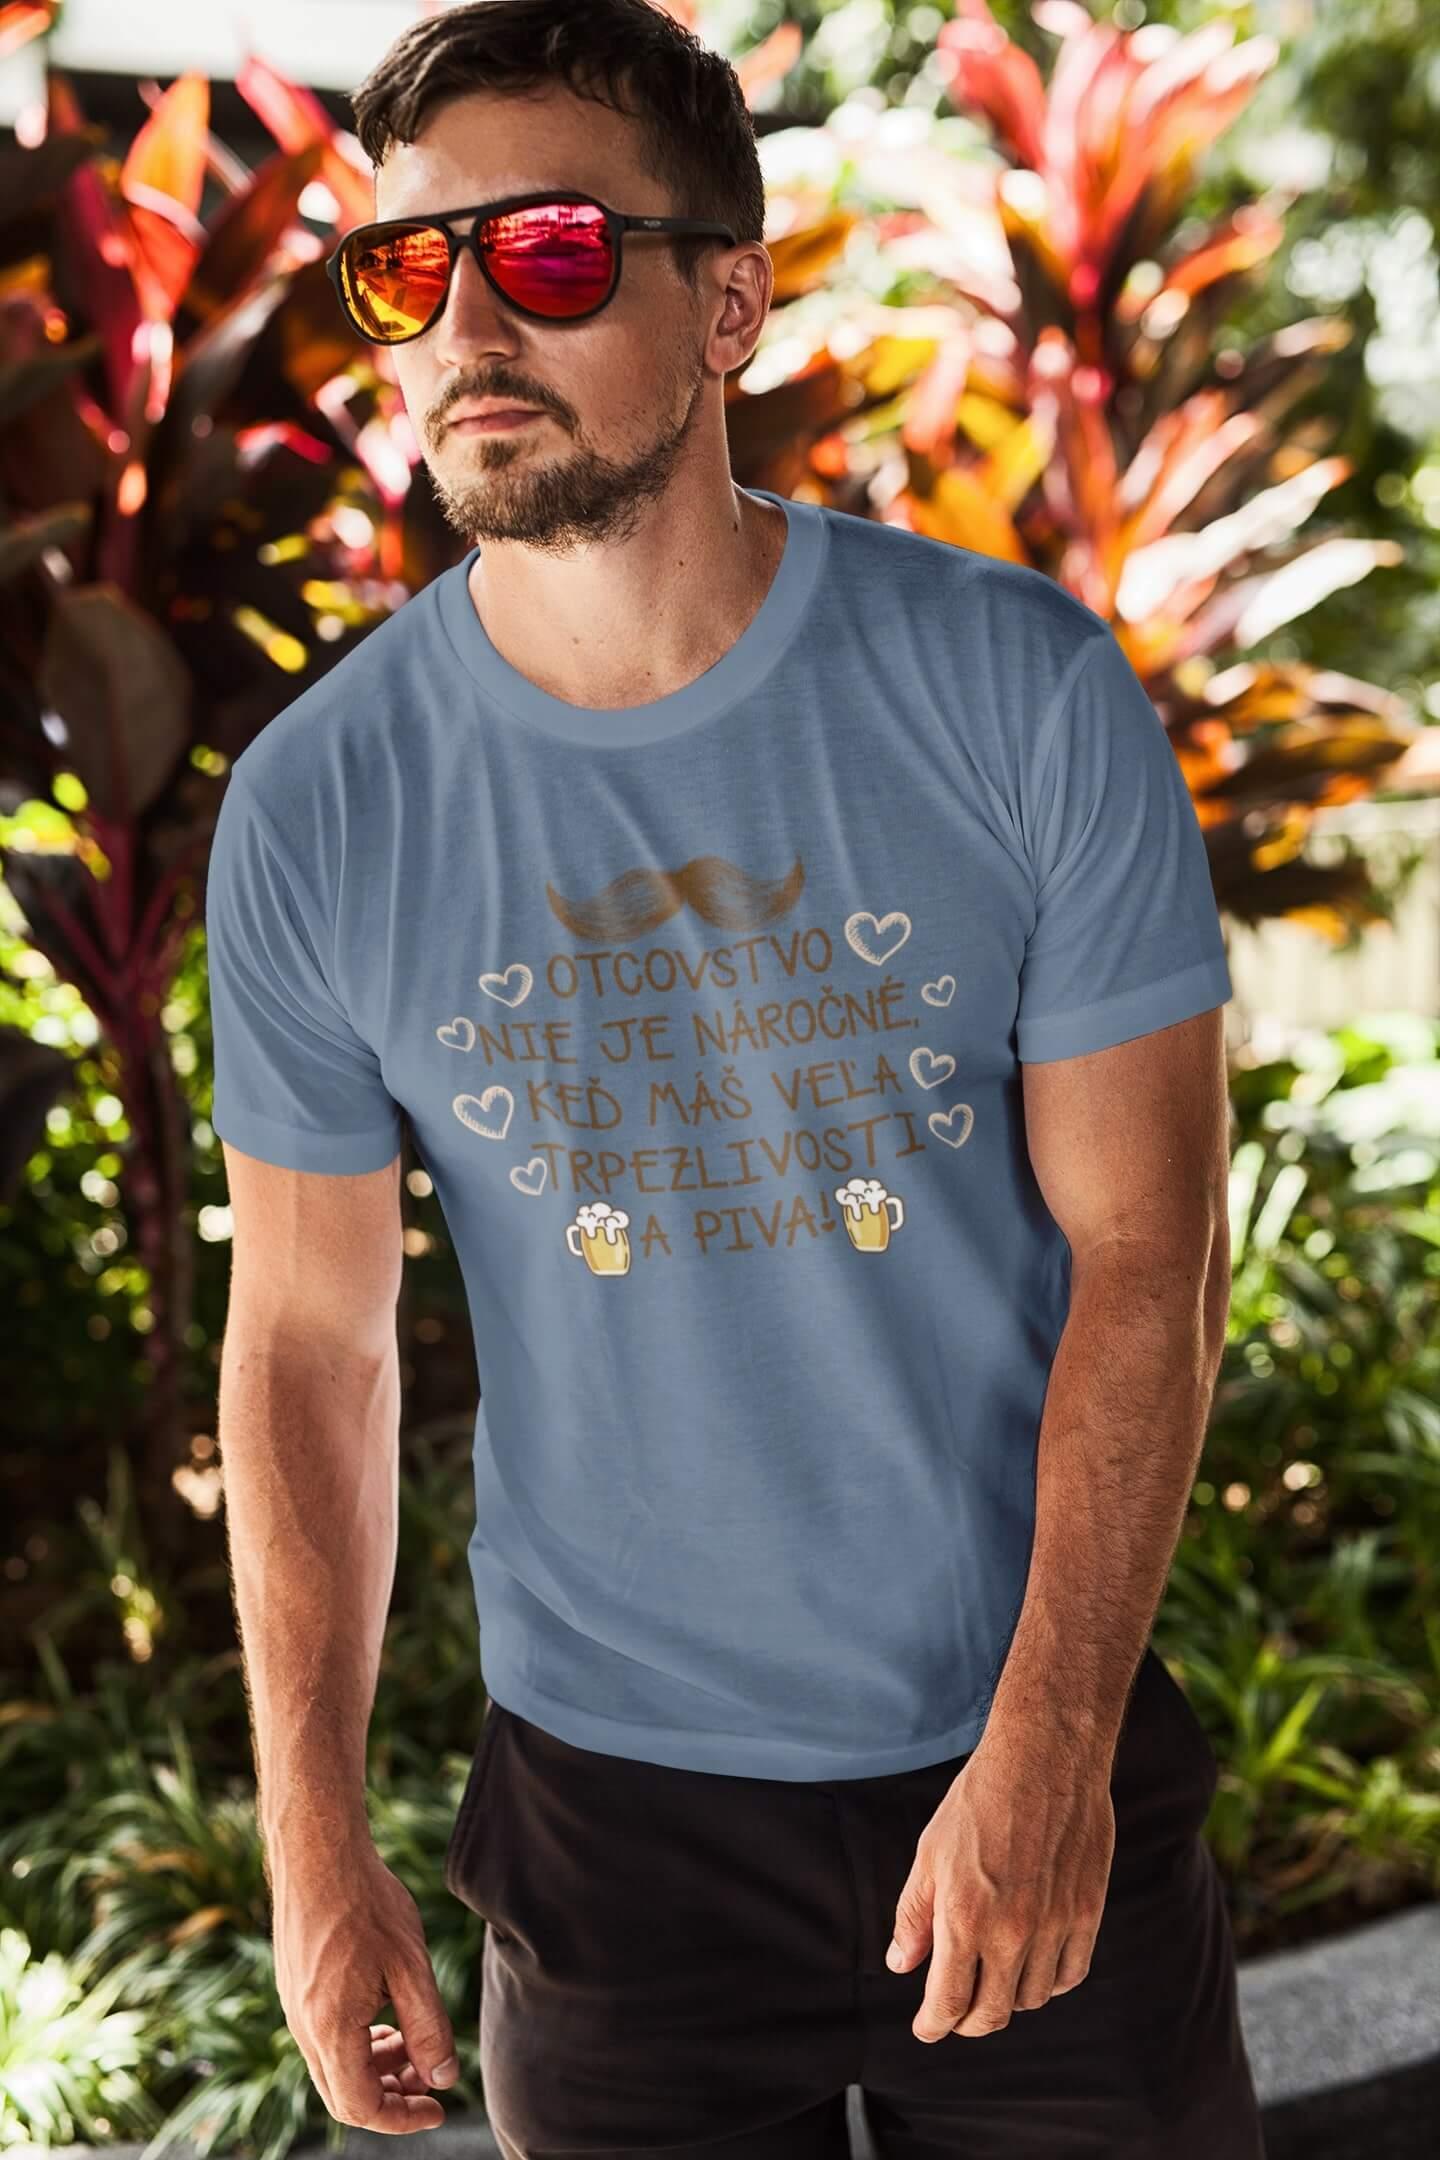 MMO Pánske tričko Otcovstvo Vyberte farbu: Denim, Vyberte veľkosť: XS